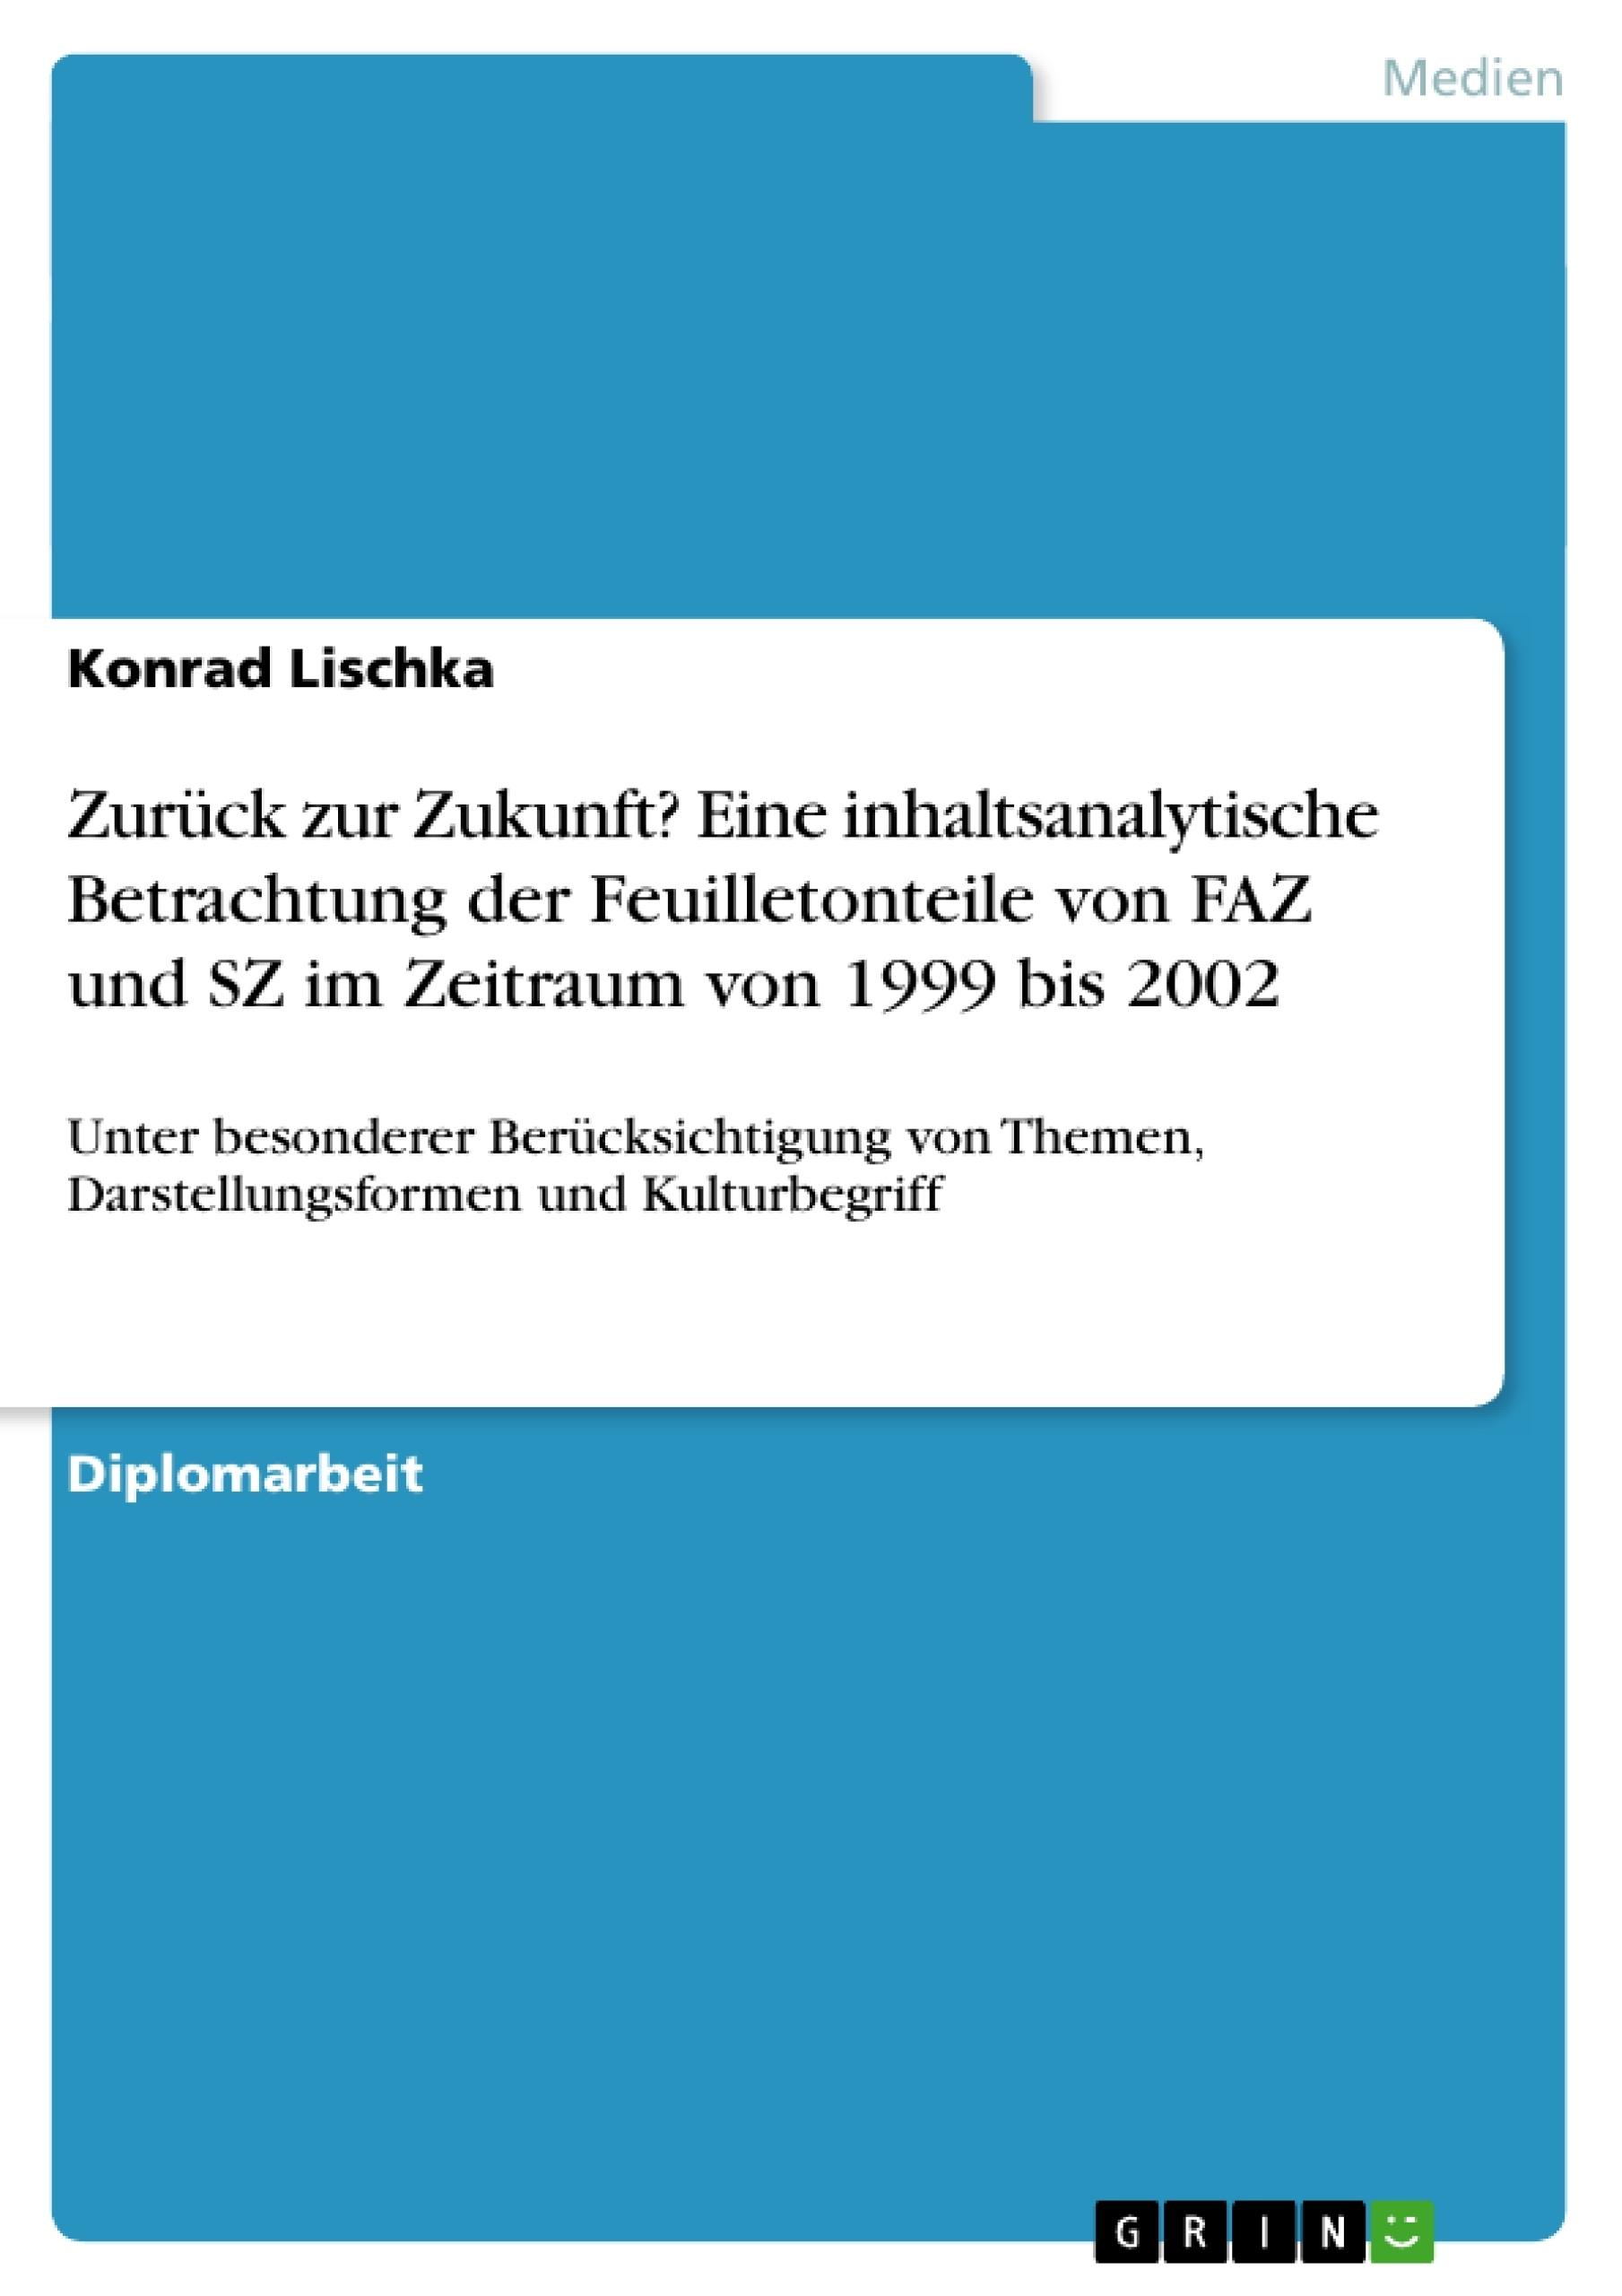 Titel: Zurück zur Zukunft? Eine inhaltsanalytische Betrachtung der Feuilletonteile von FAZ und SZ im Zeitraum von 1999 bis 2002